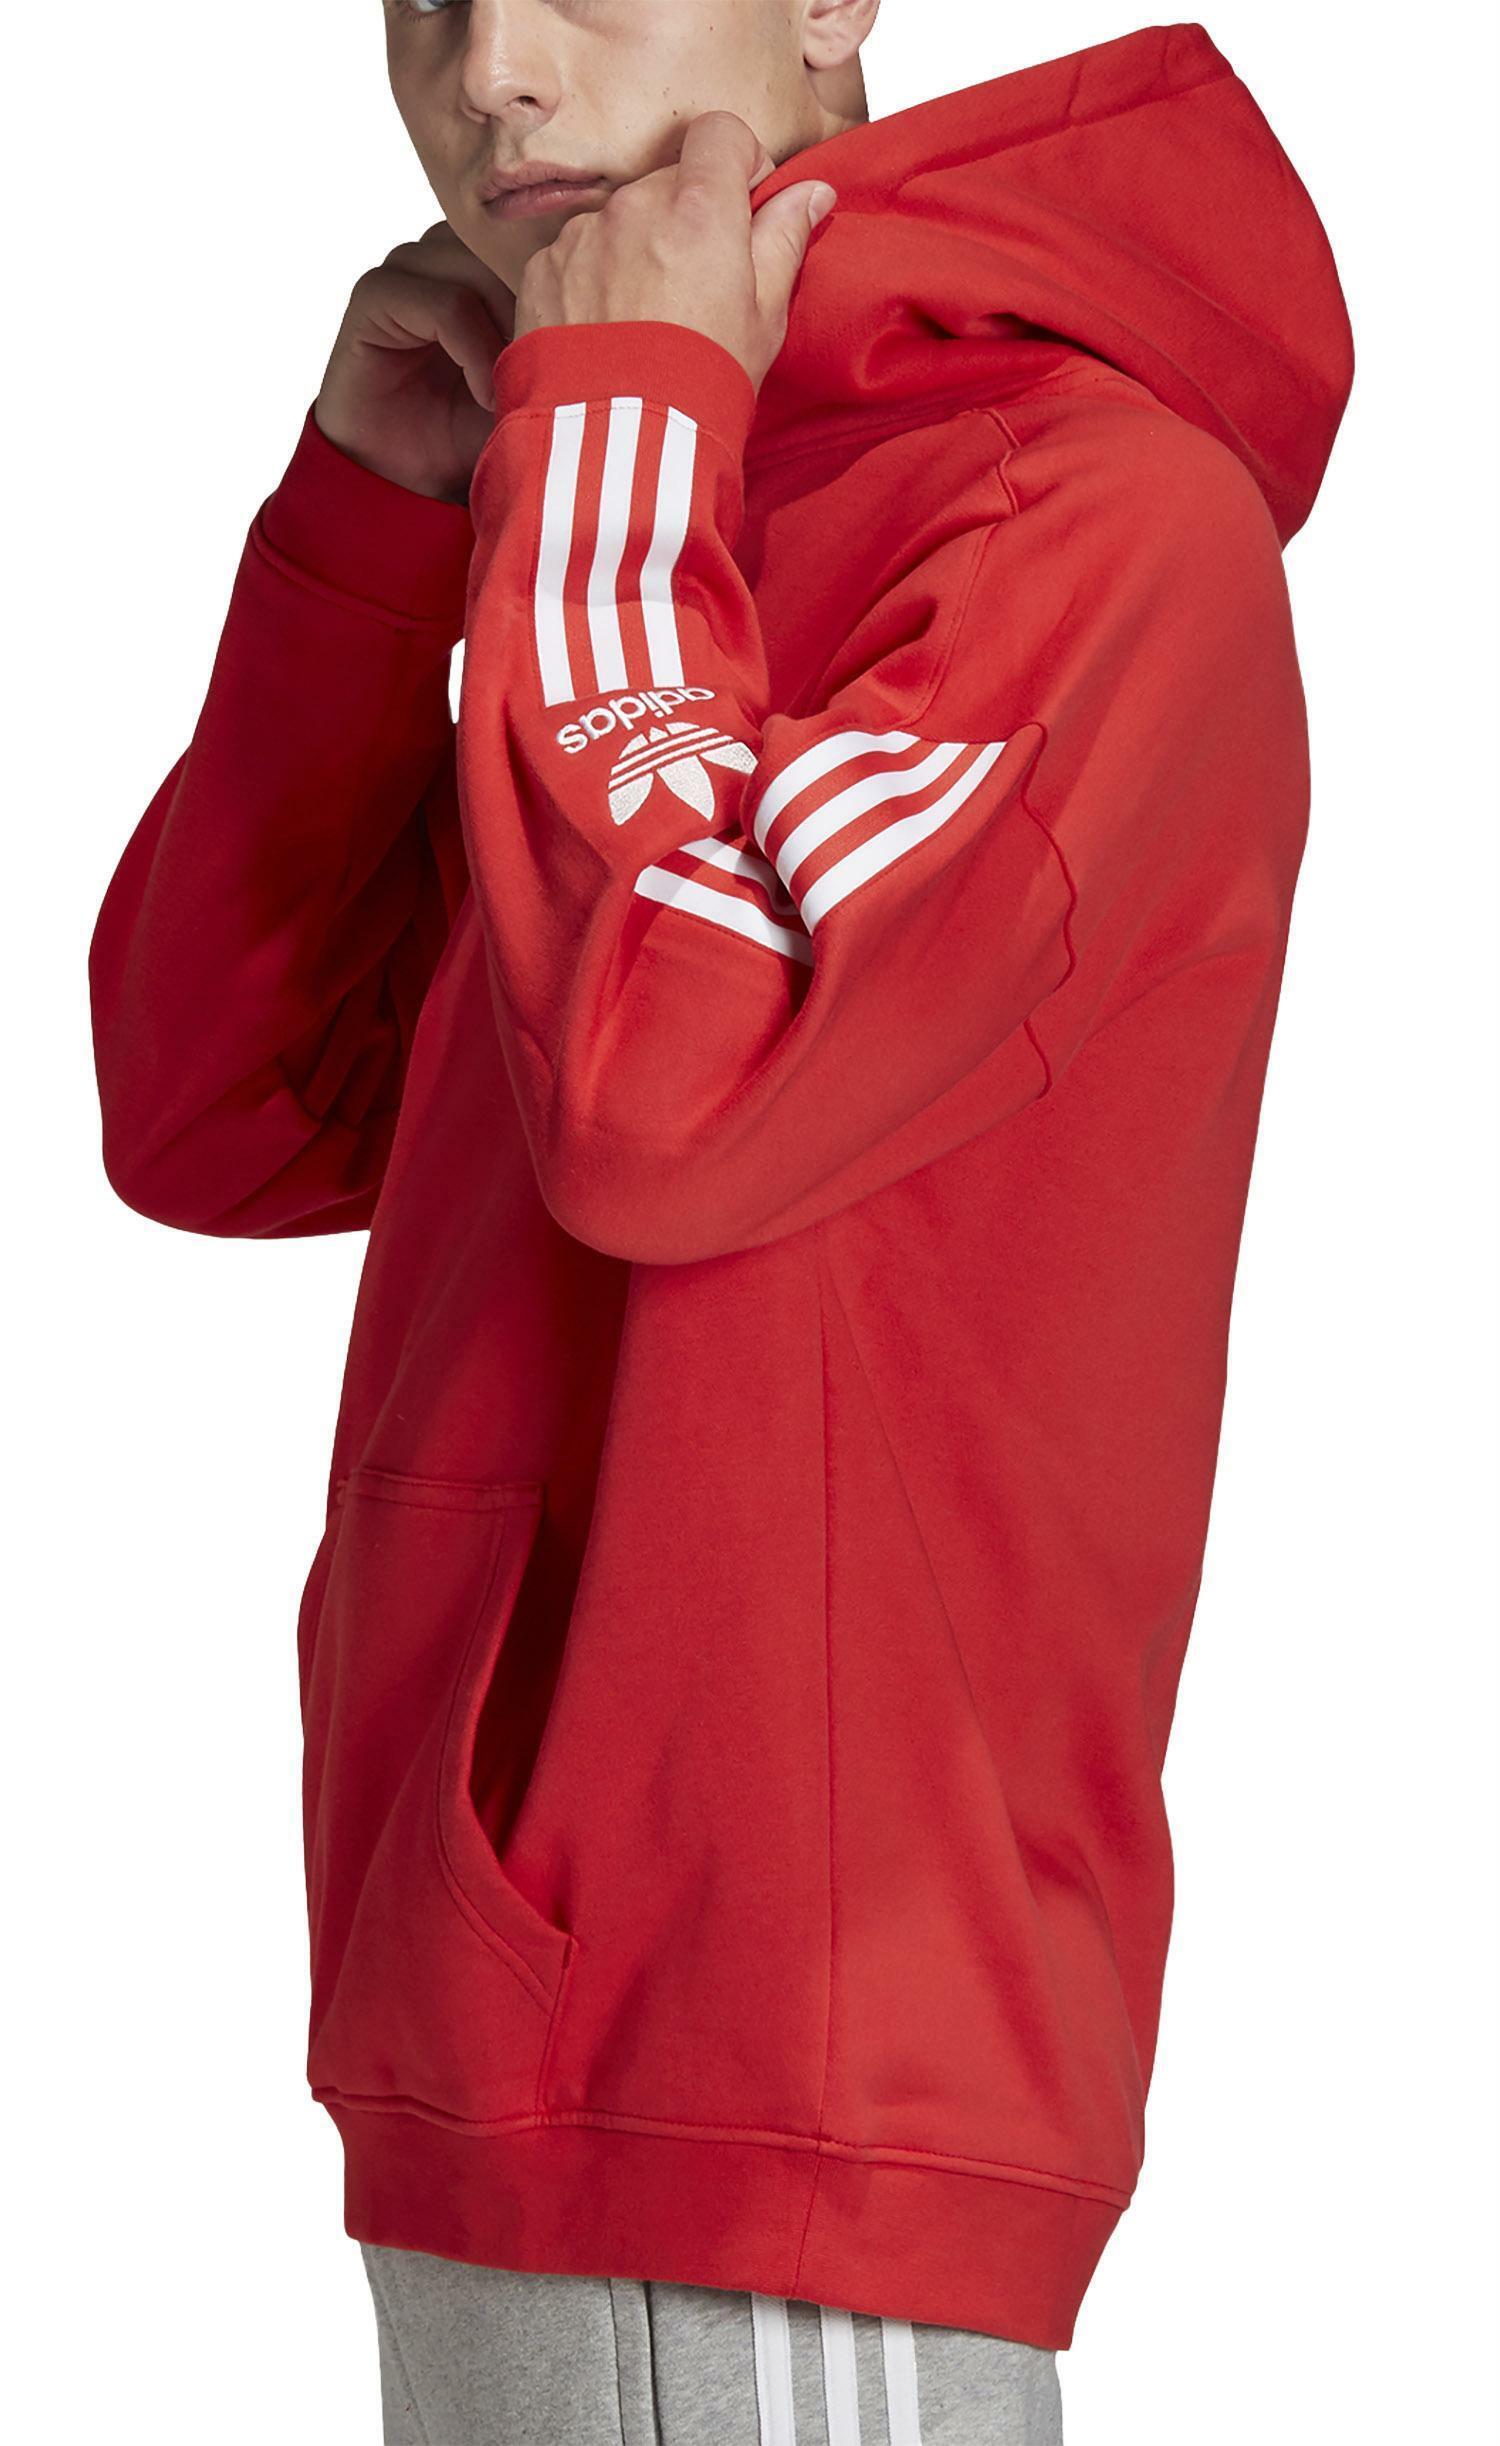 perturbazione Fugace sono daccordo  Adidas tech felpa con cappuccio uomo rossa fm3800